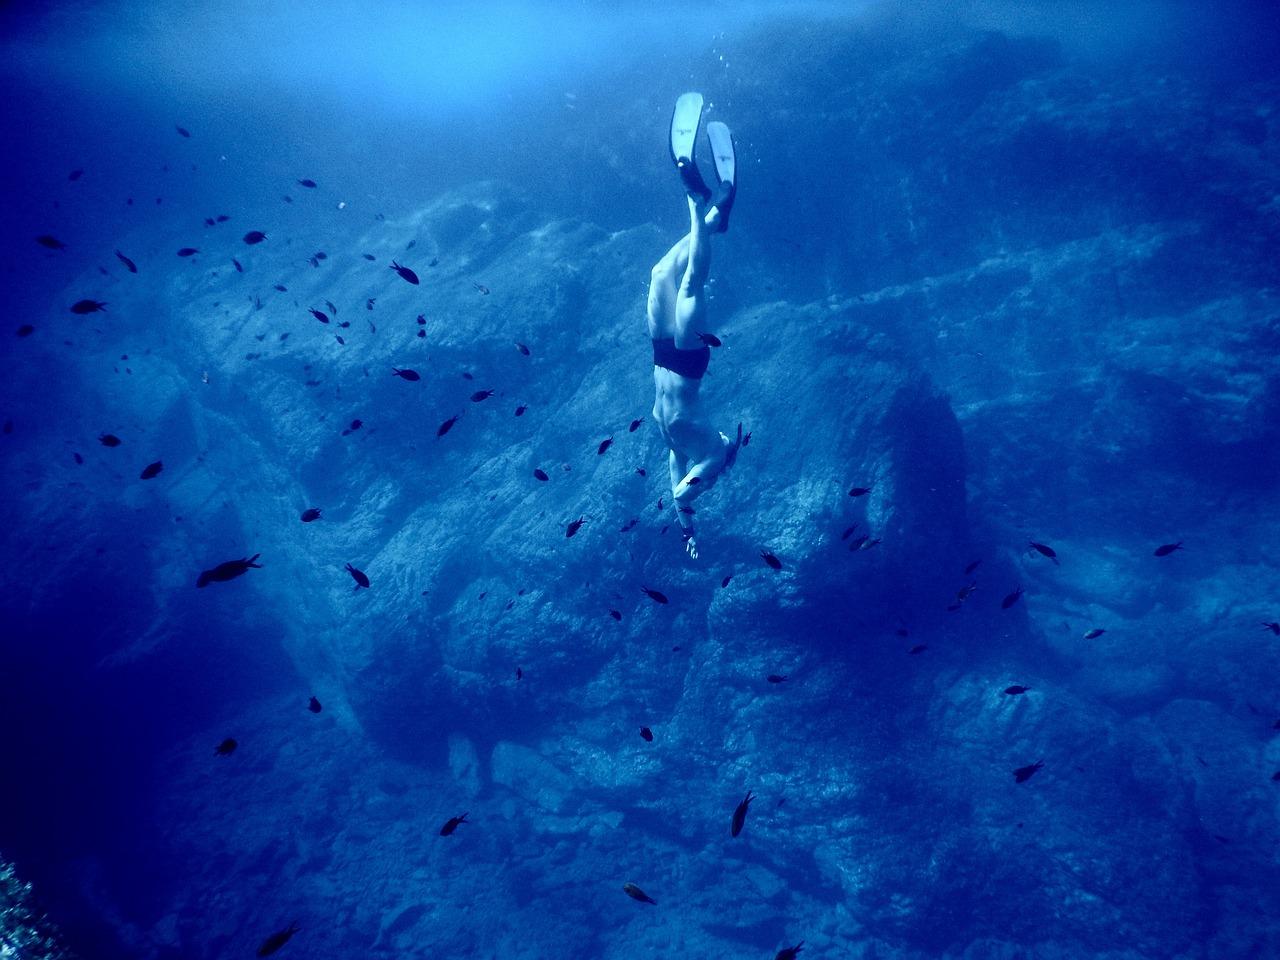 картинка погружение в воду что